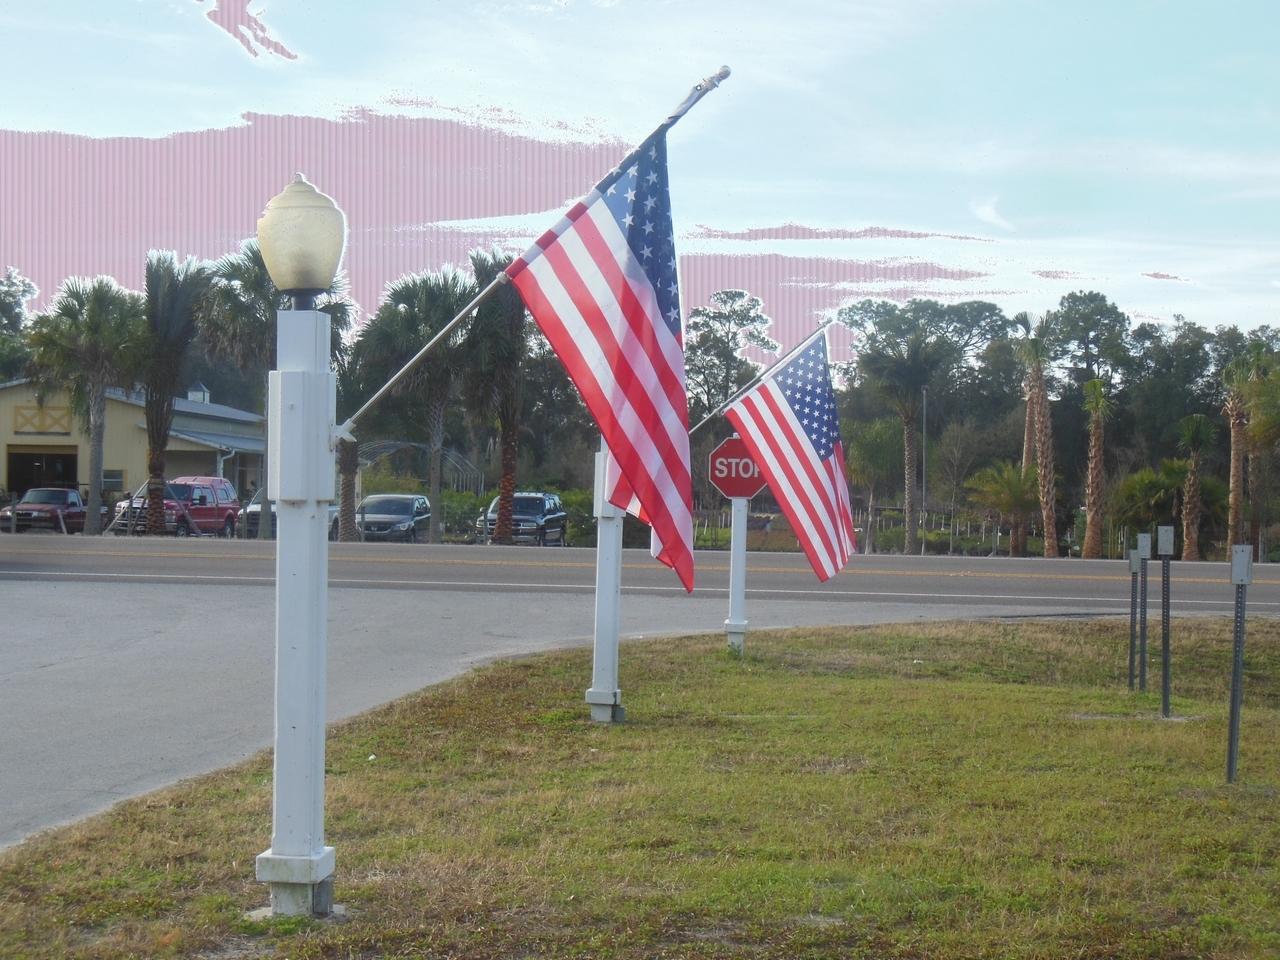 Personals in sanford fl Orlando Personals, FL - Craigslist Orlando Personals, FL